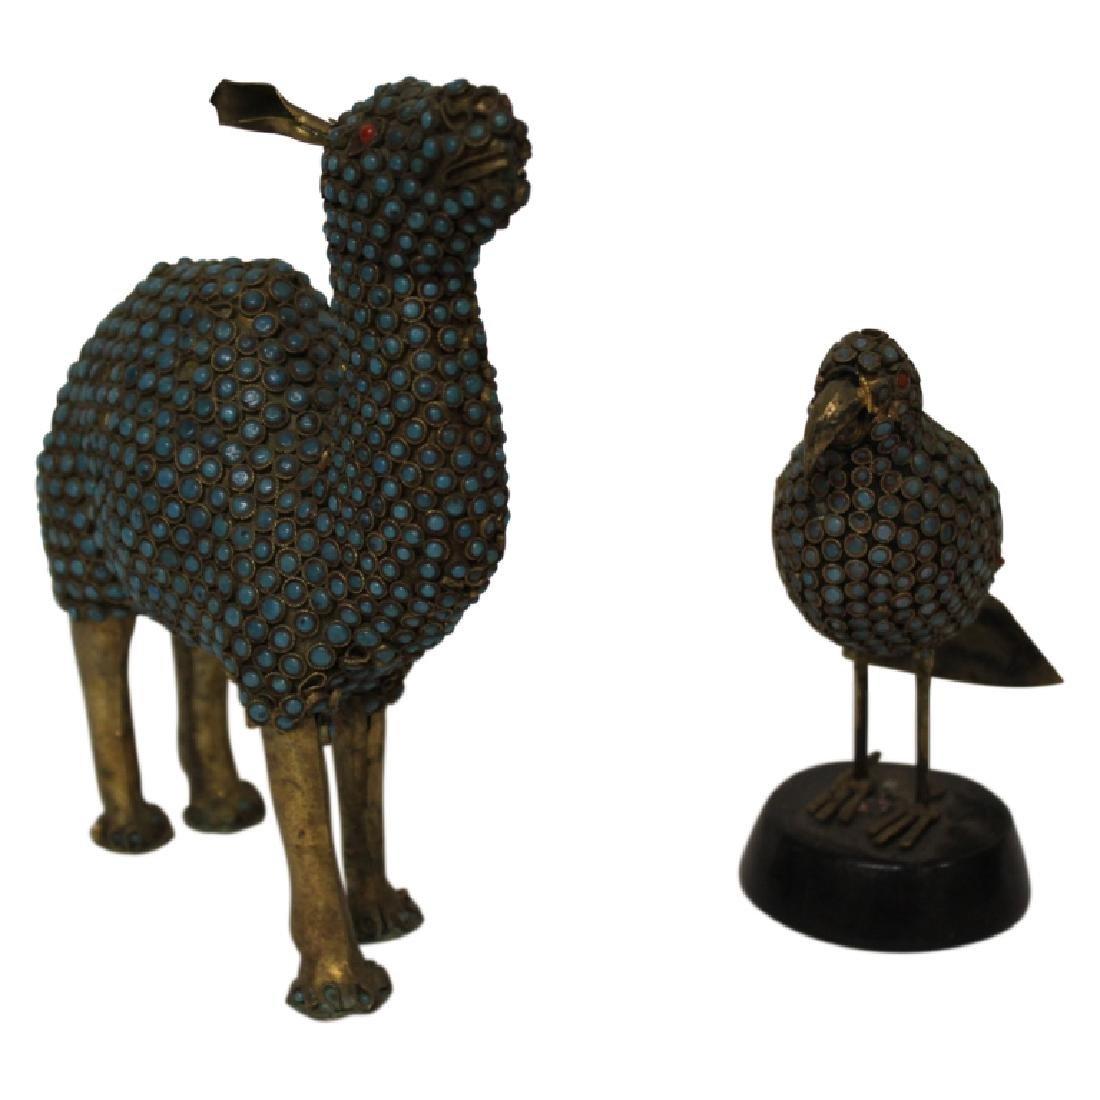 Pair of Stone Encrusted Wildlife Figures